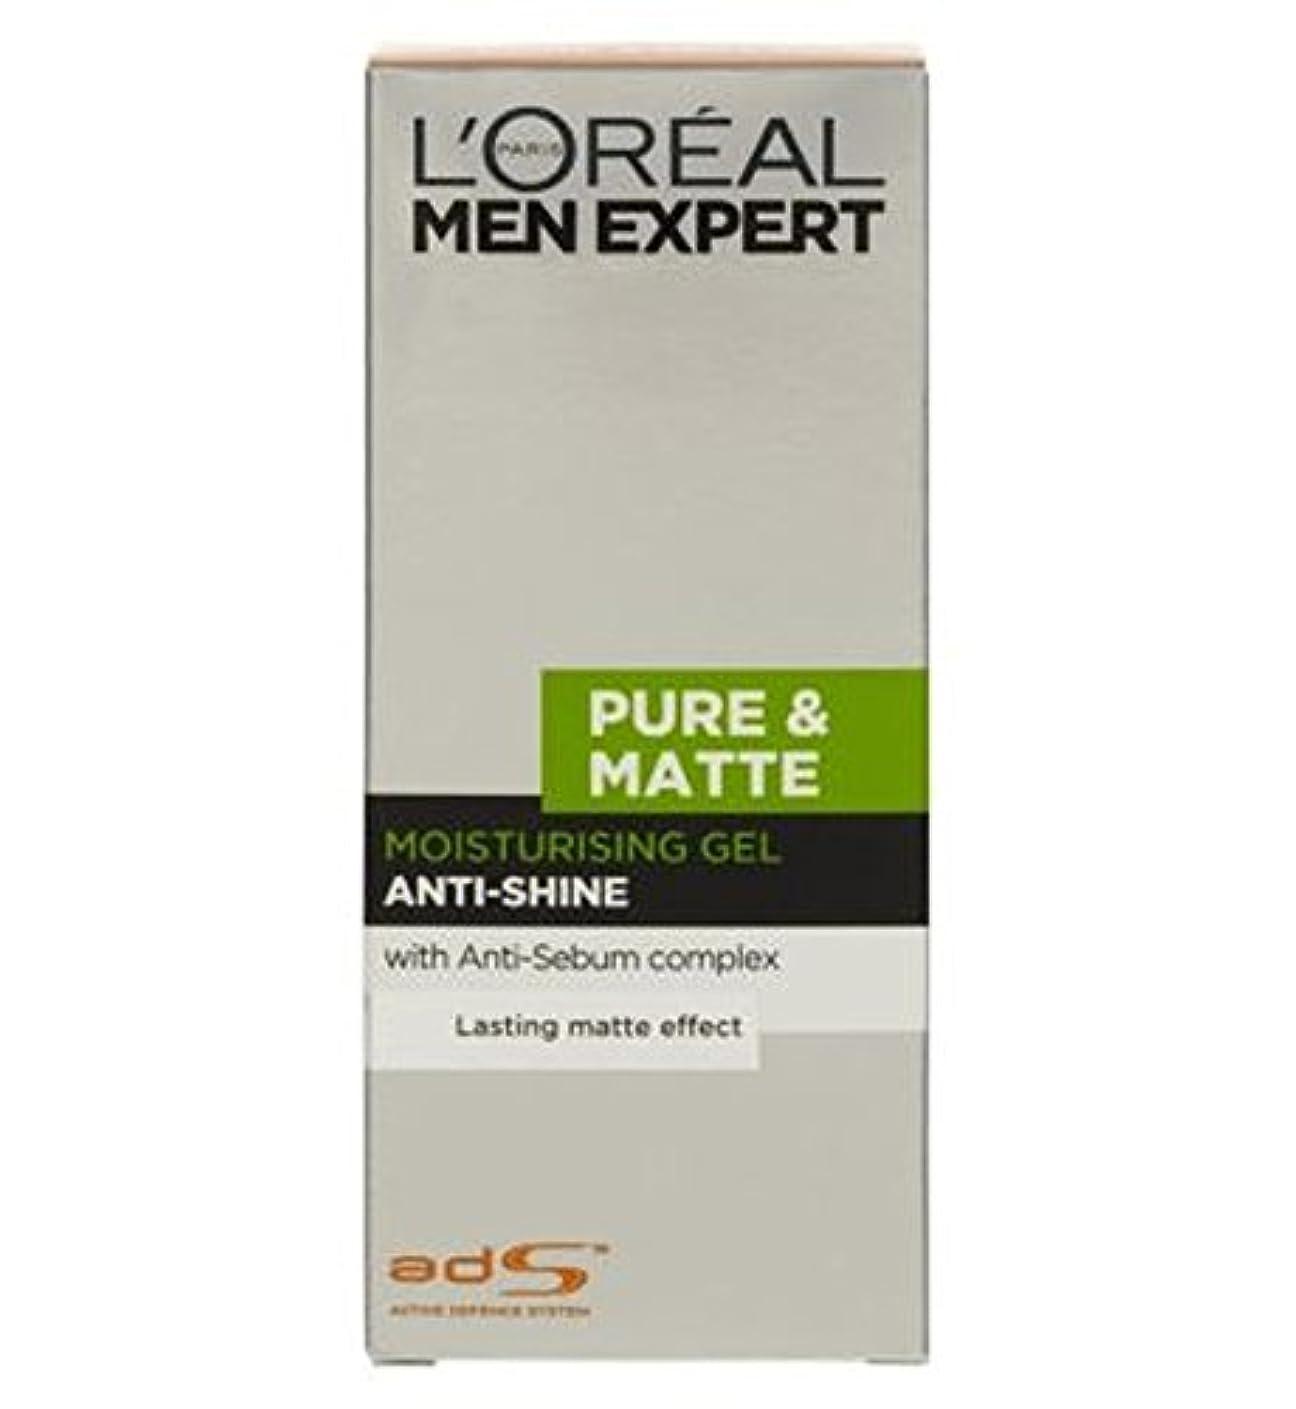 理解経験的グラスロレアルの男性の専門家純粋&マット抗輝き保湿ゲル50ミリリットル (L'Oreal) (x2) - L'Oreal Men Expert Pure & Matte Anti-Shine Moisturising Gel...